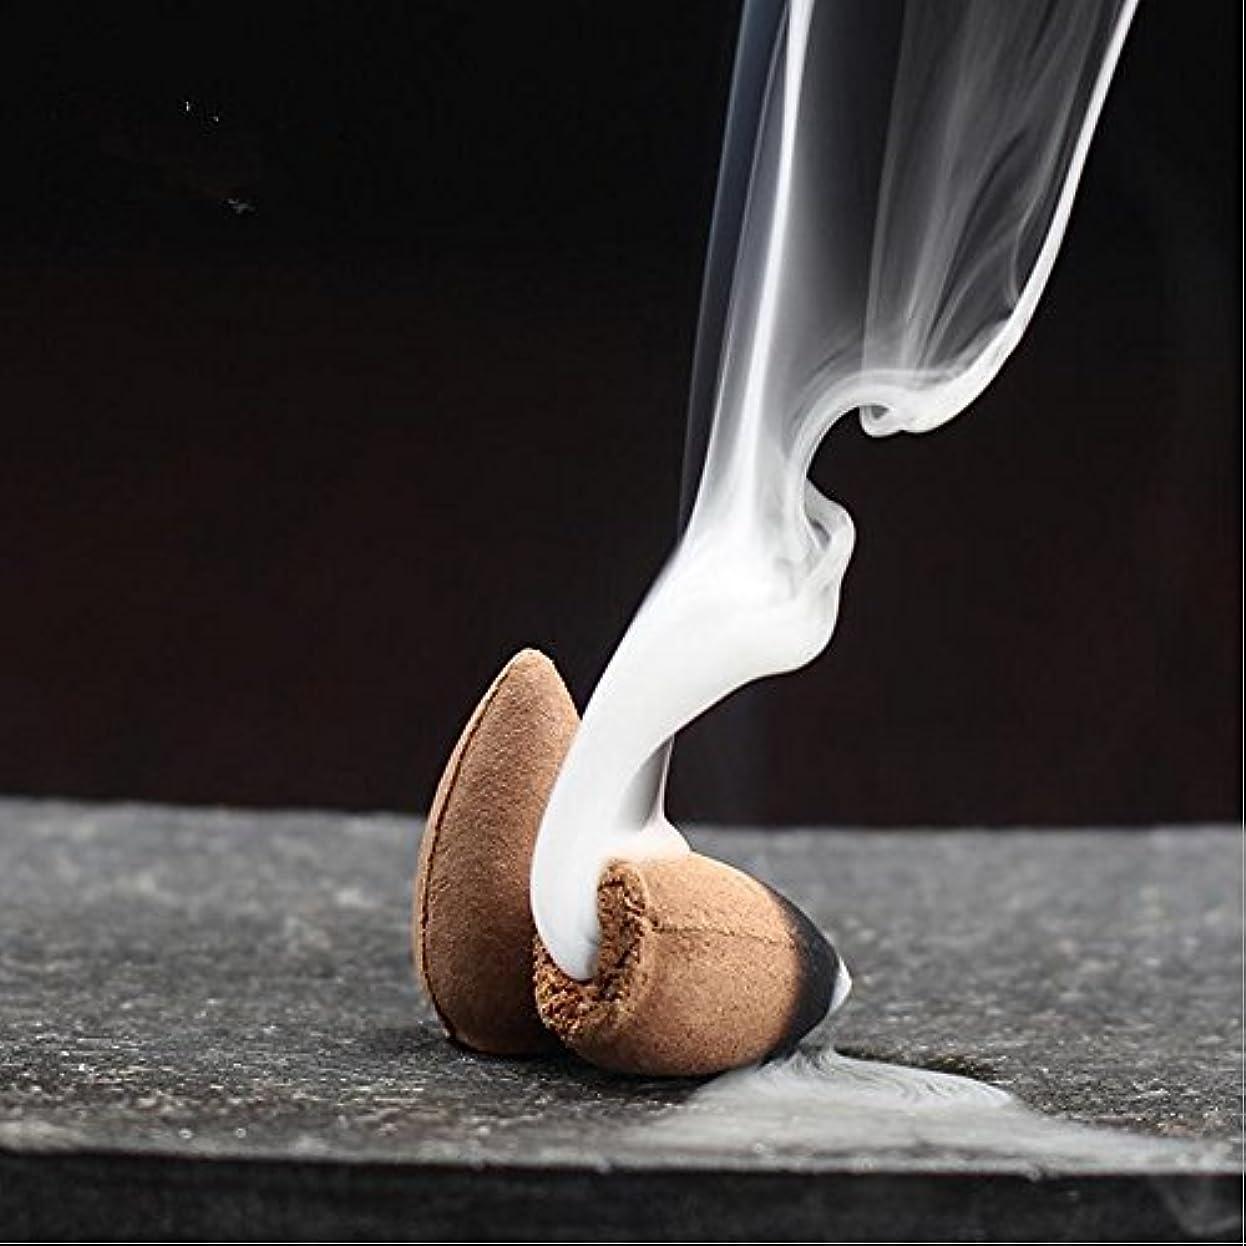 嫌悪下に向けます適格逆流startdy自然煙PagodaインドアIncense円錐Bulletアロマセラピーのヨガ瞑想45pc /ボックス